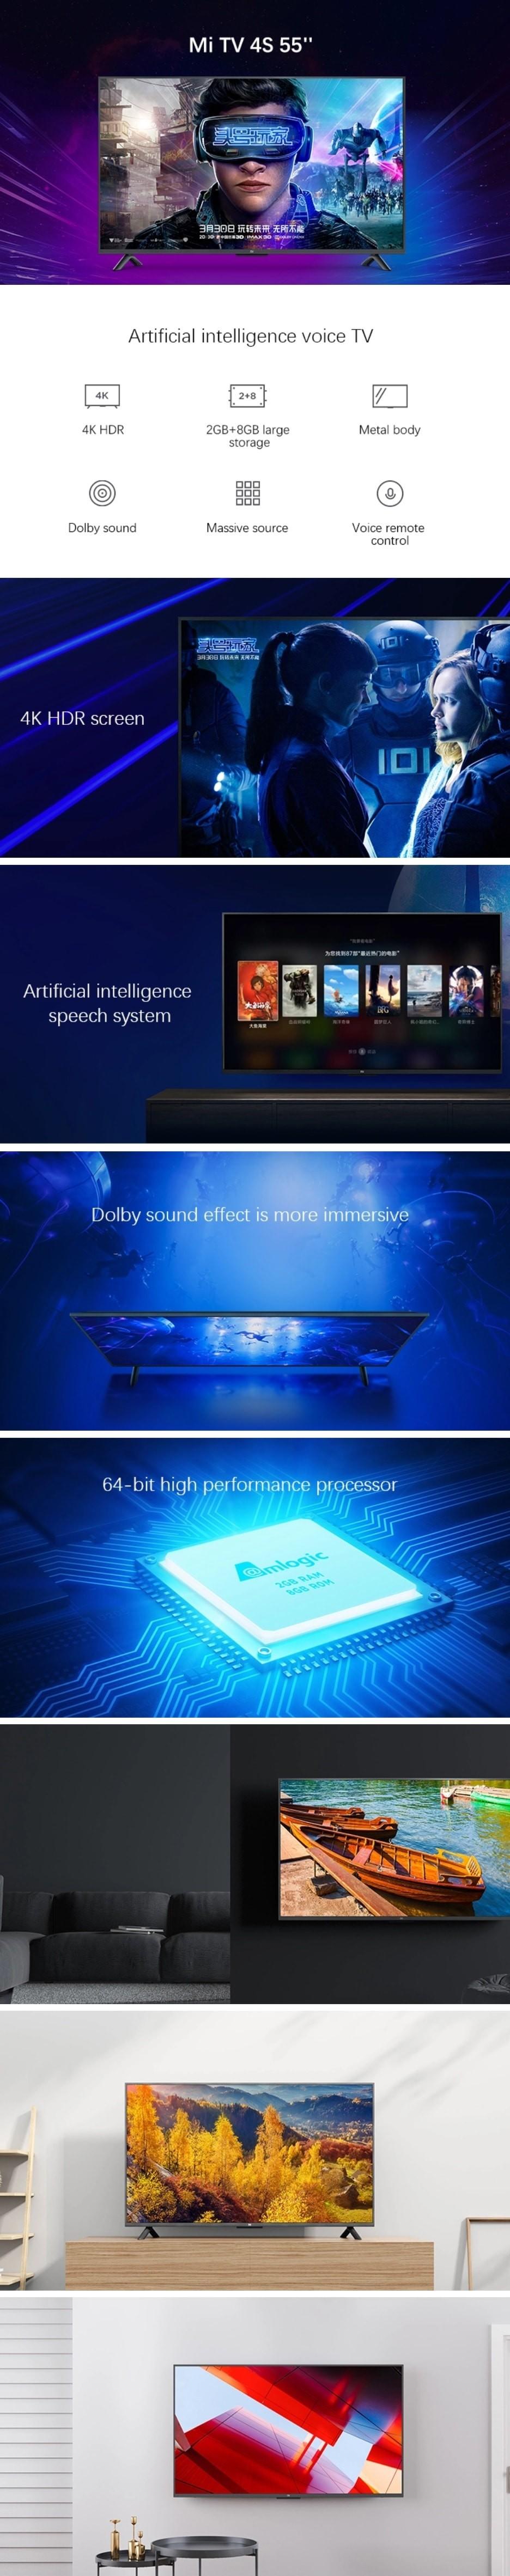 Prezentare-Xiaomi-Mi-TV-4Sbe8070878a86b77d.jpg